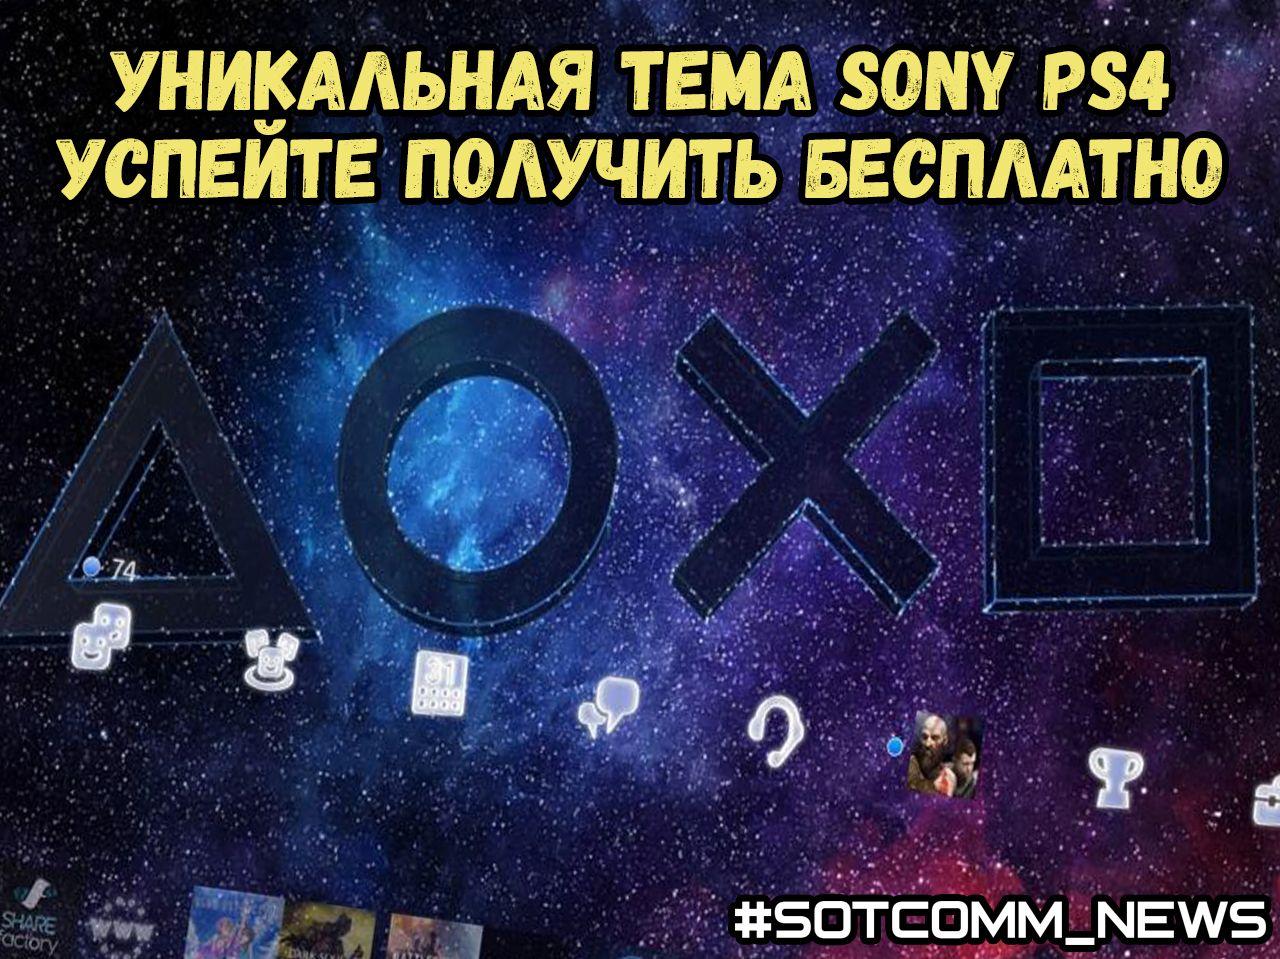 Уникальная тема Sony PS4 — успейте получить бесплатно